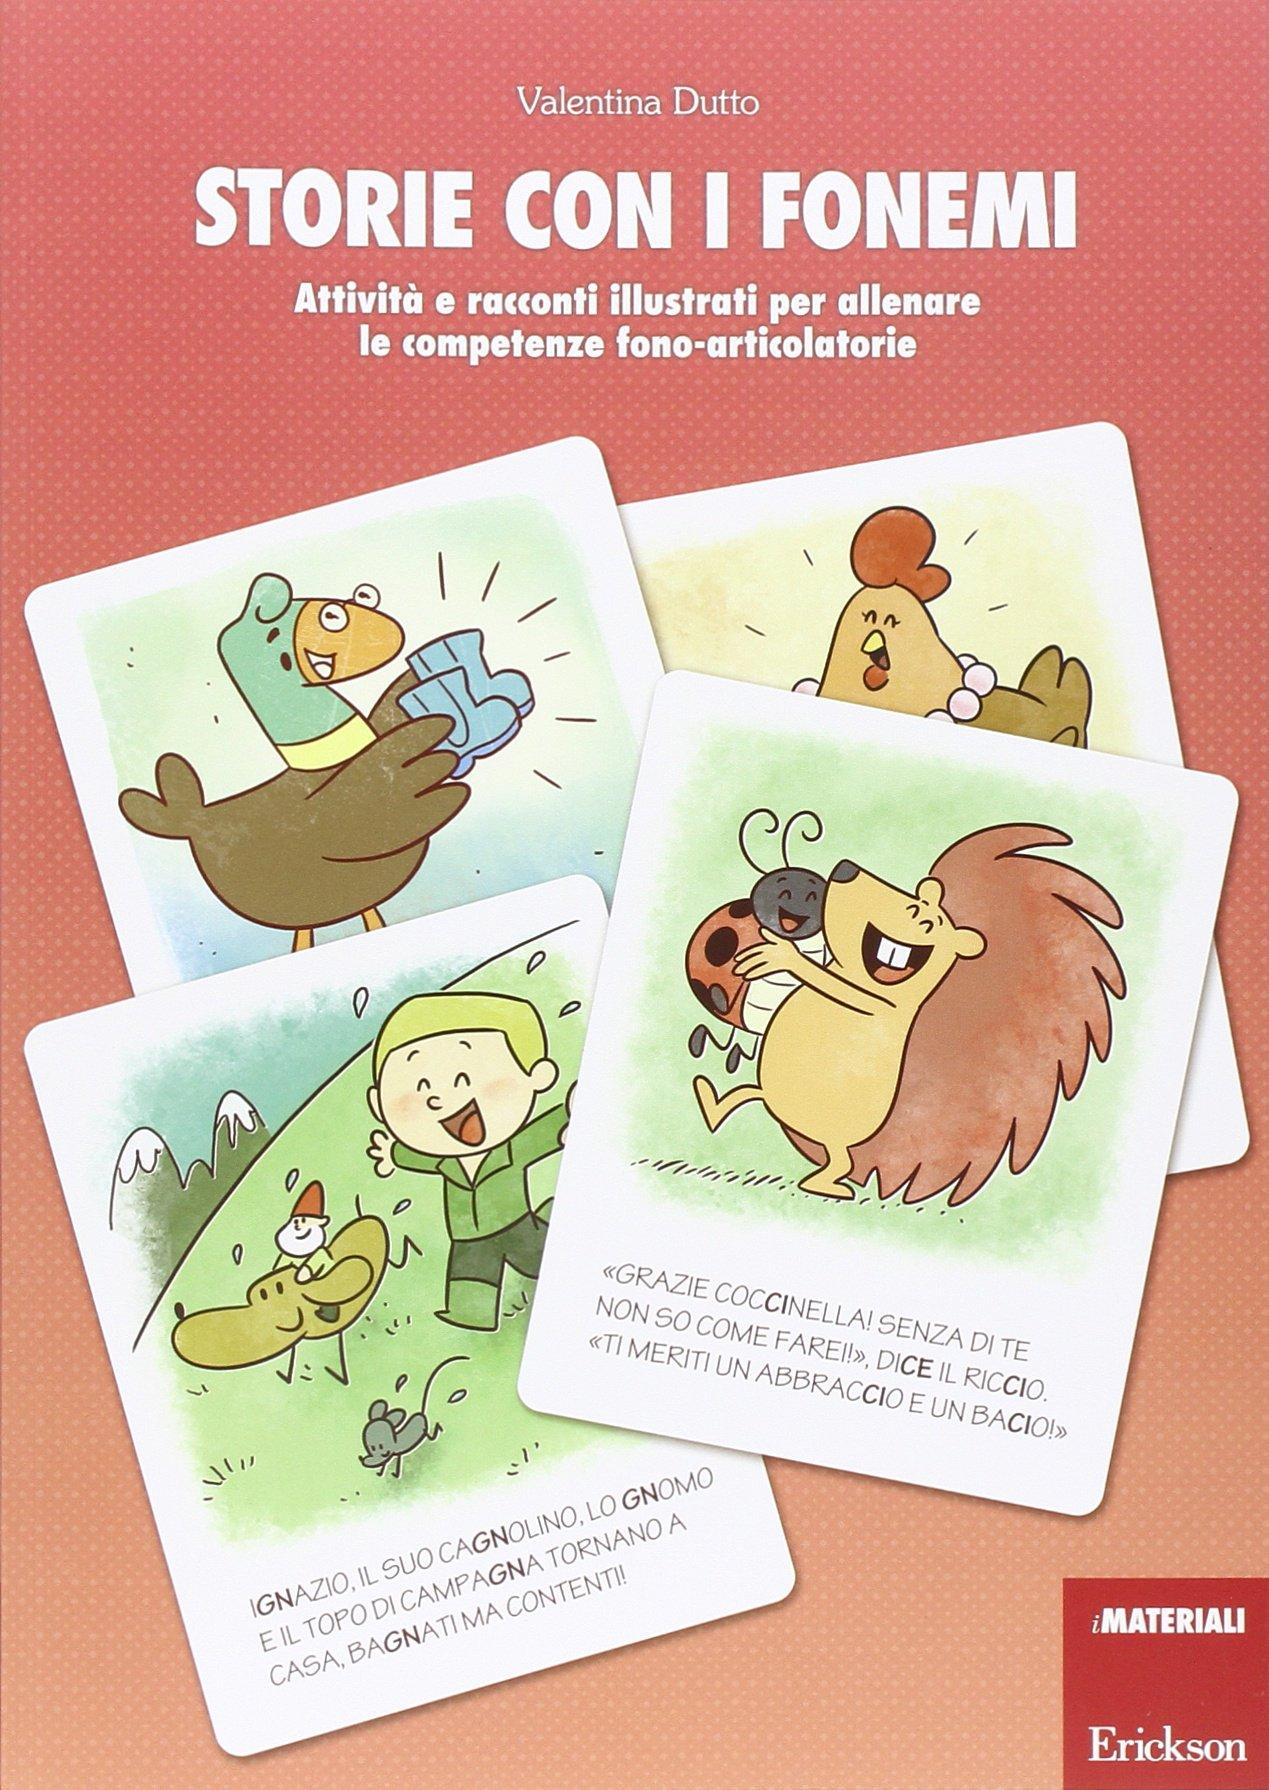 Amazonit Storie Con I Fonemi Altre Attività E Racconti Illustrati